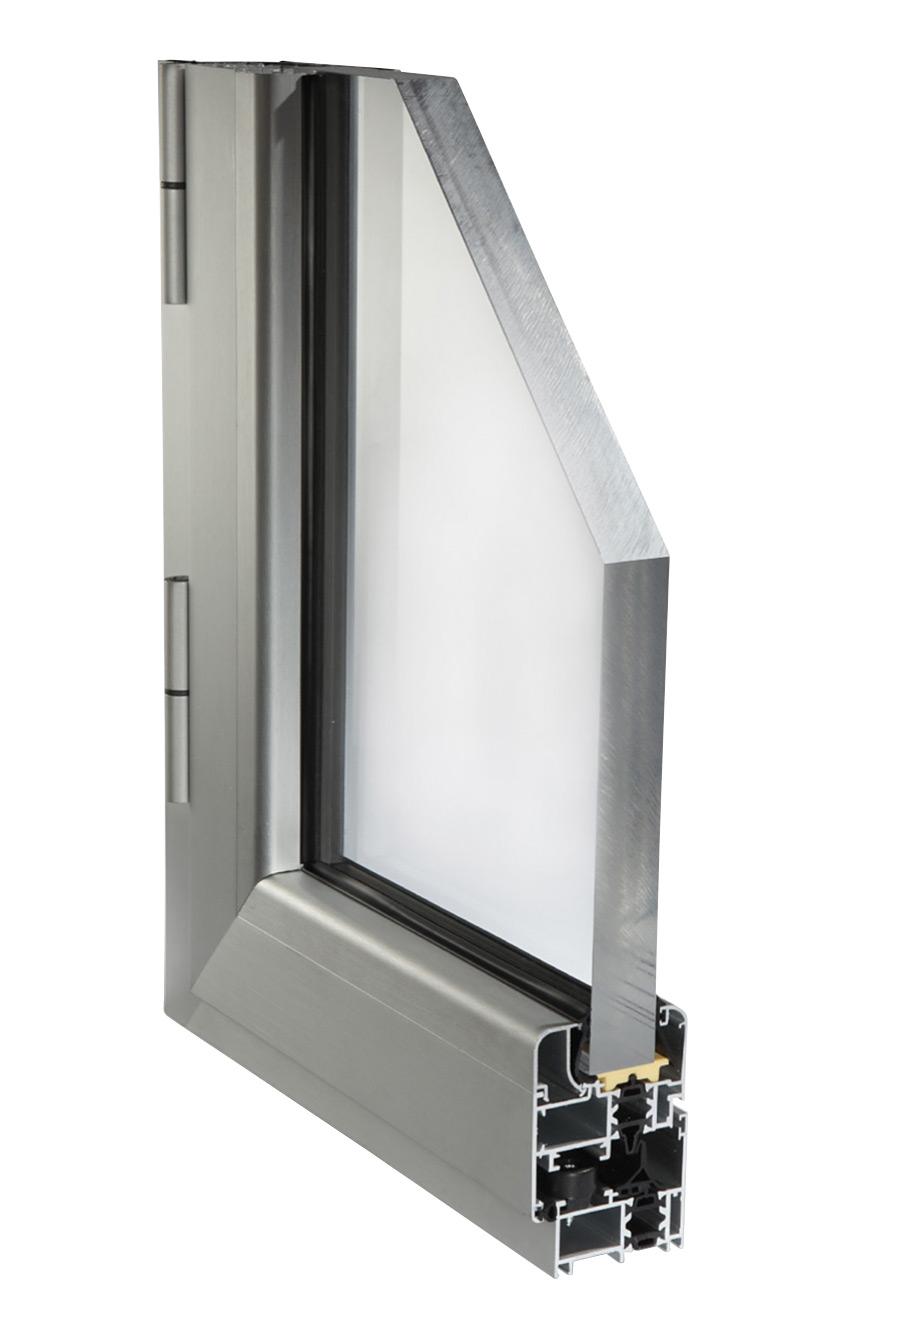 Profili alluminio per finestre serramenti a taglio termico - Profili alluminio per finestre ...